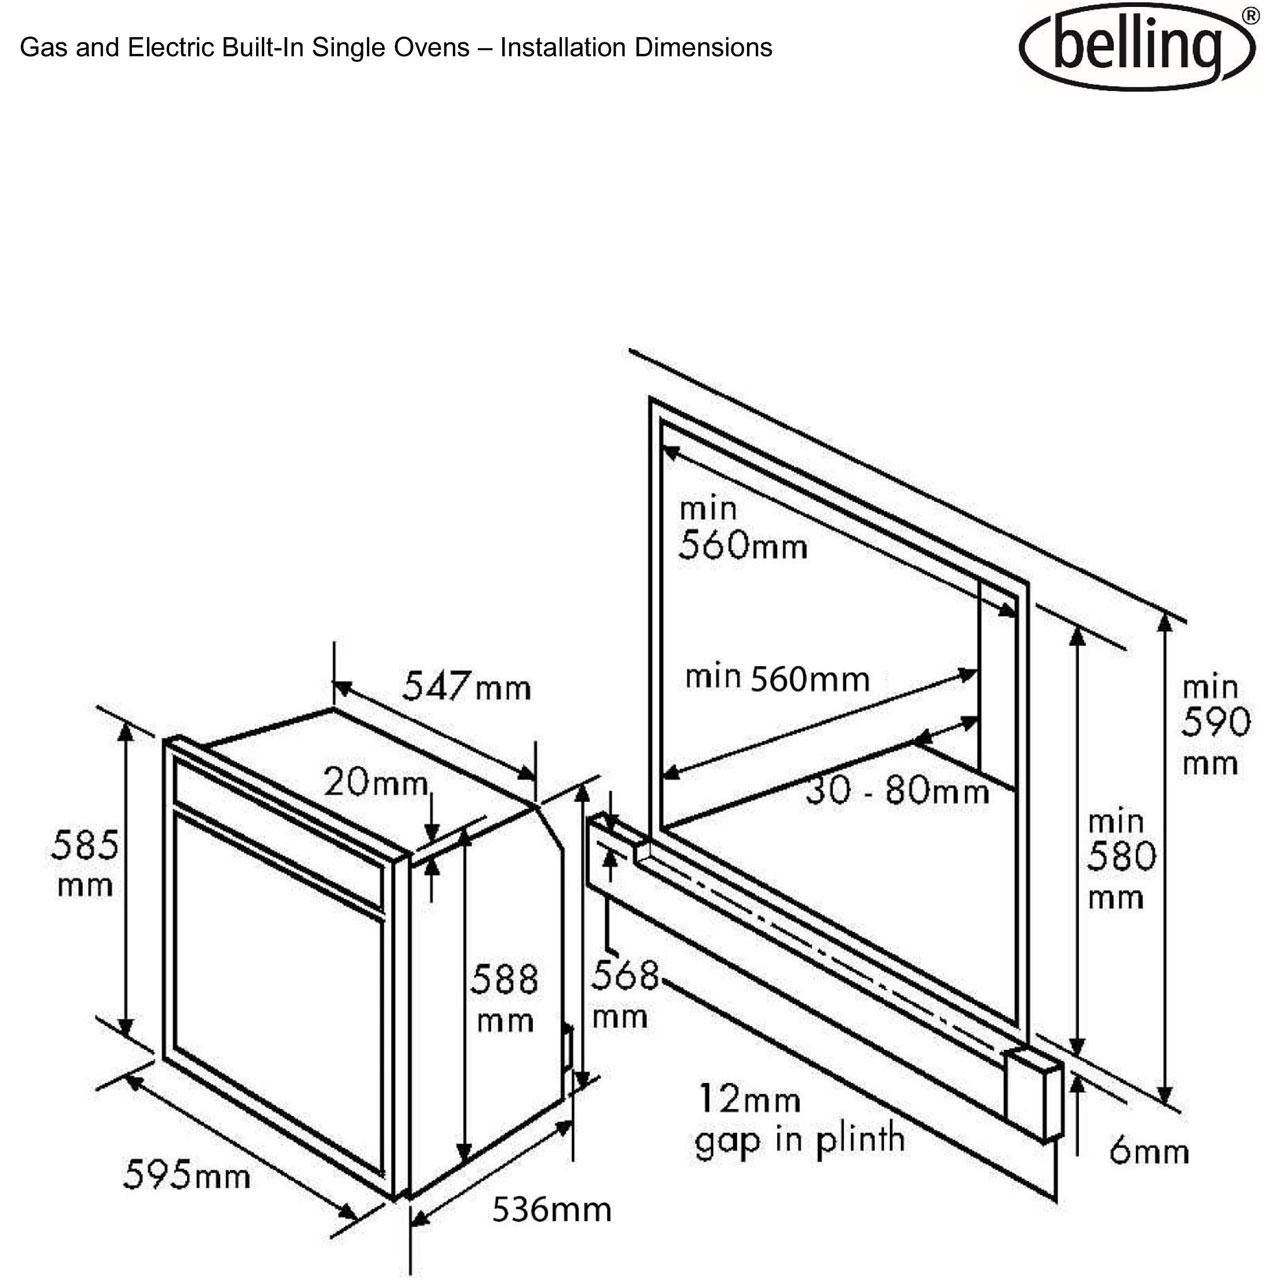 cooker wiring diagrams uk rule automatic bilge pump diagram britannia 31 images